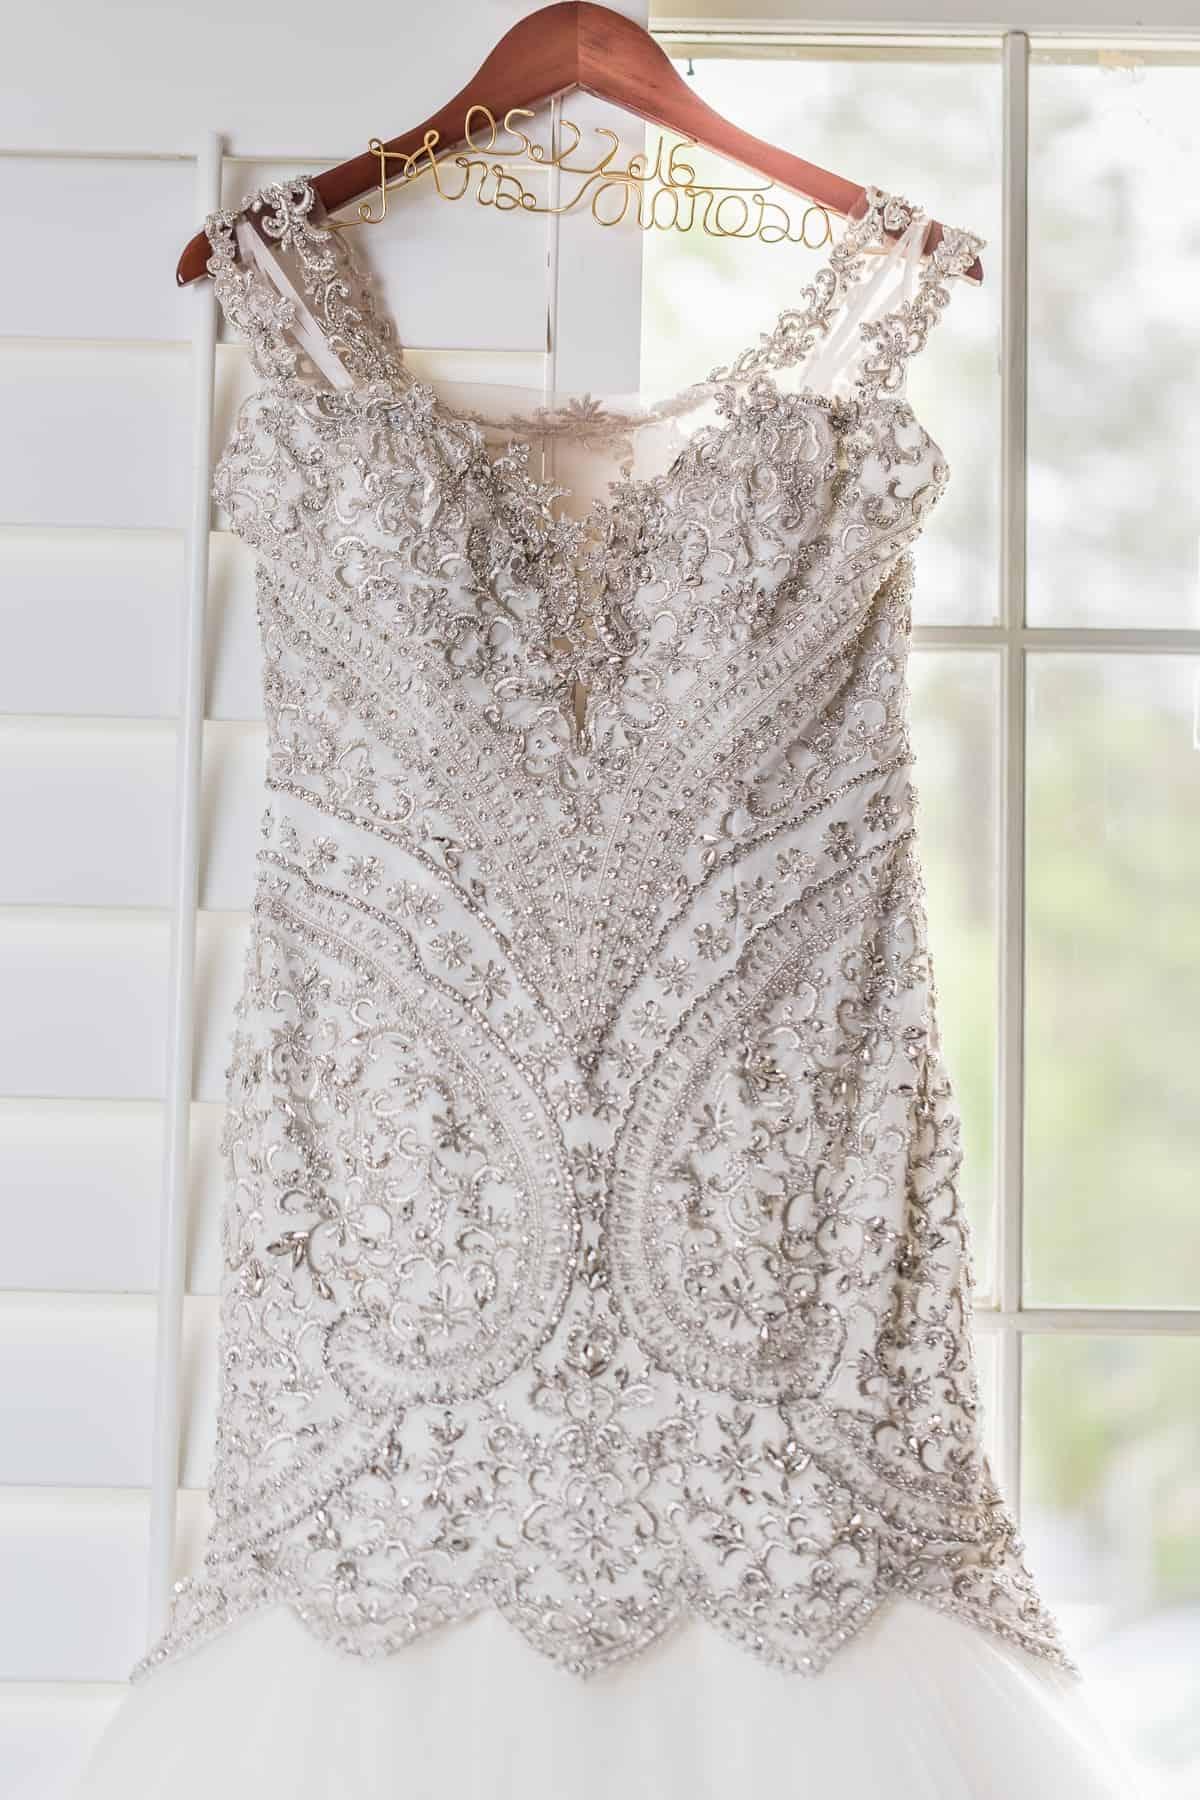 Elaborately beaded wedding dress